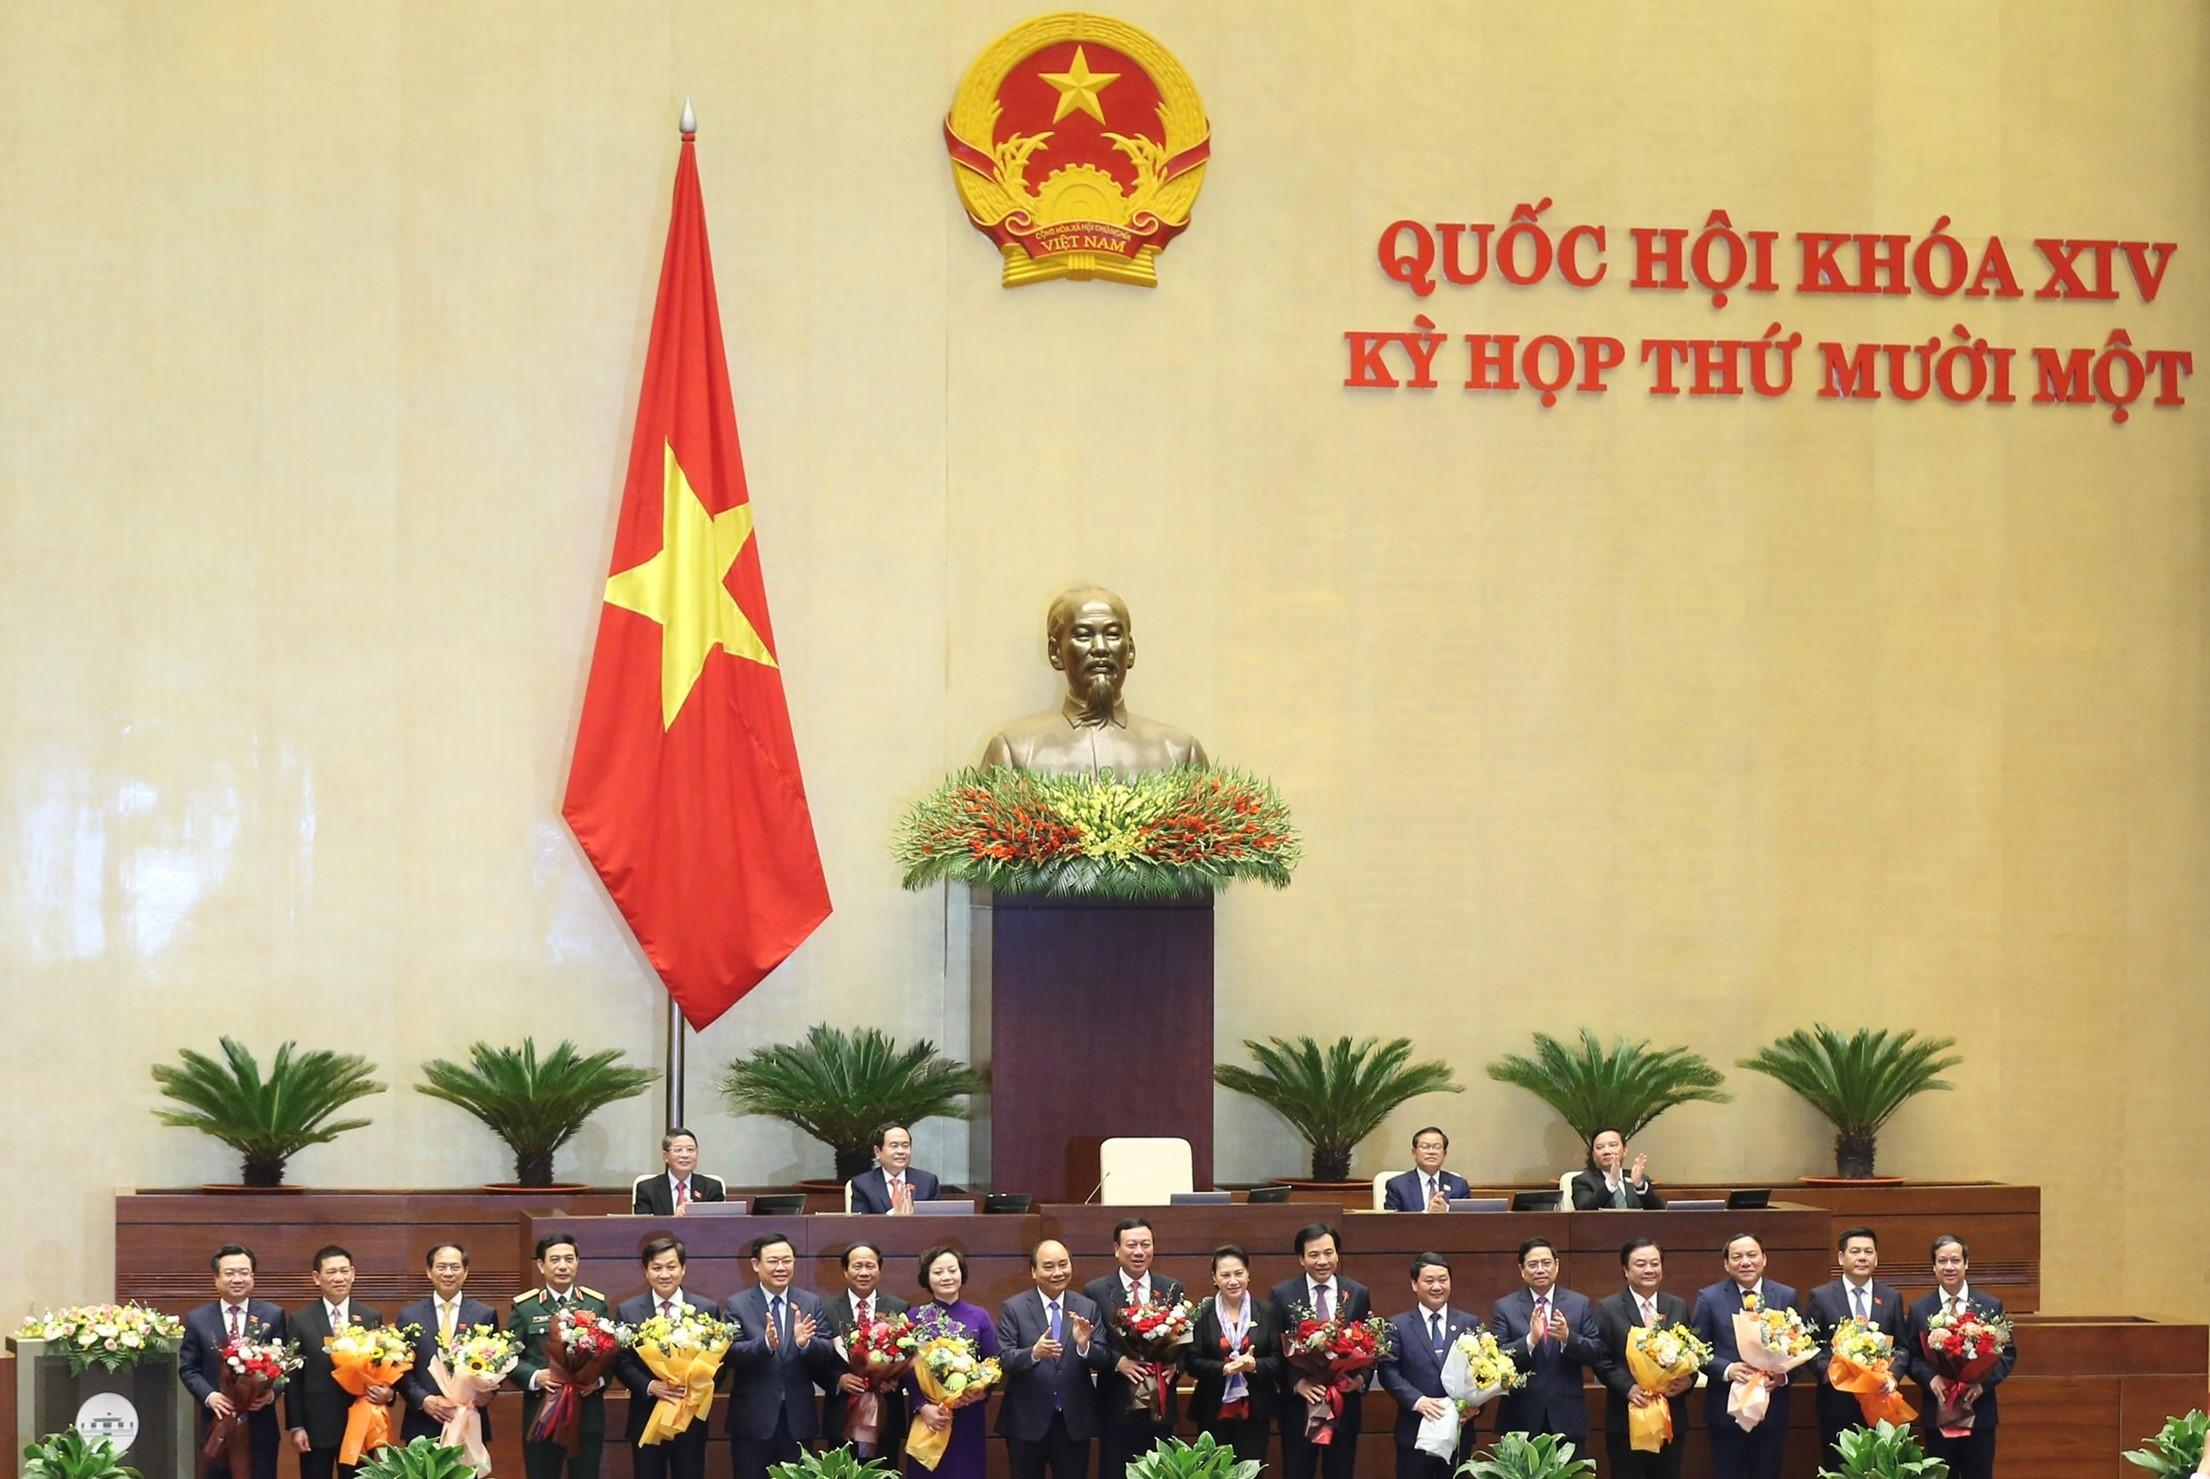 Chính phủ có 2 tân Phó Thủ tướng